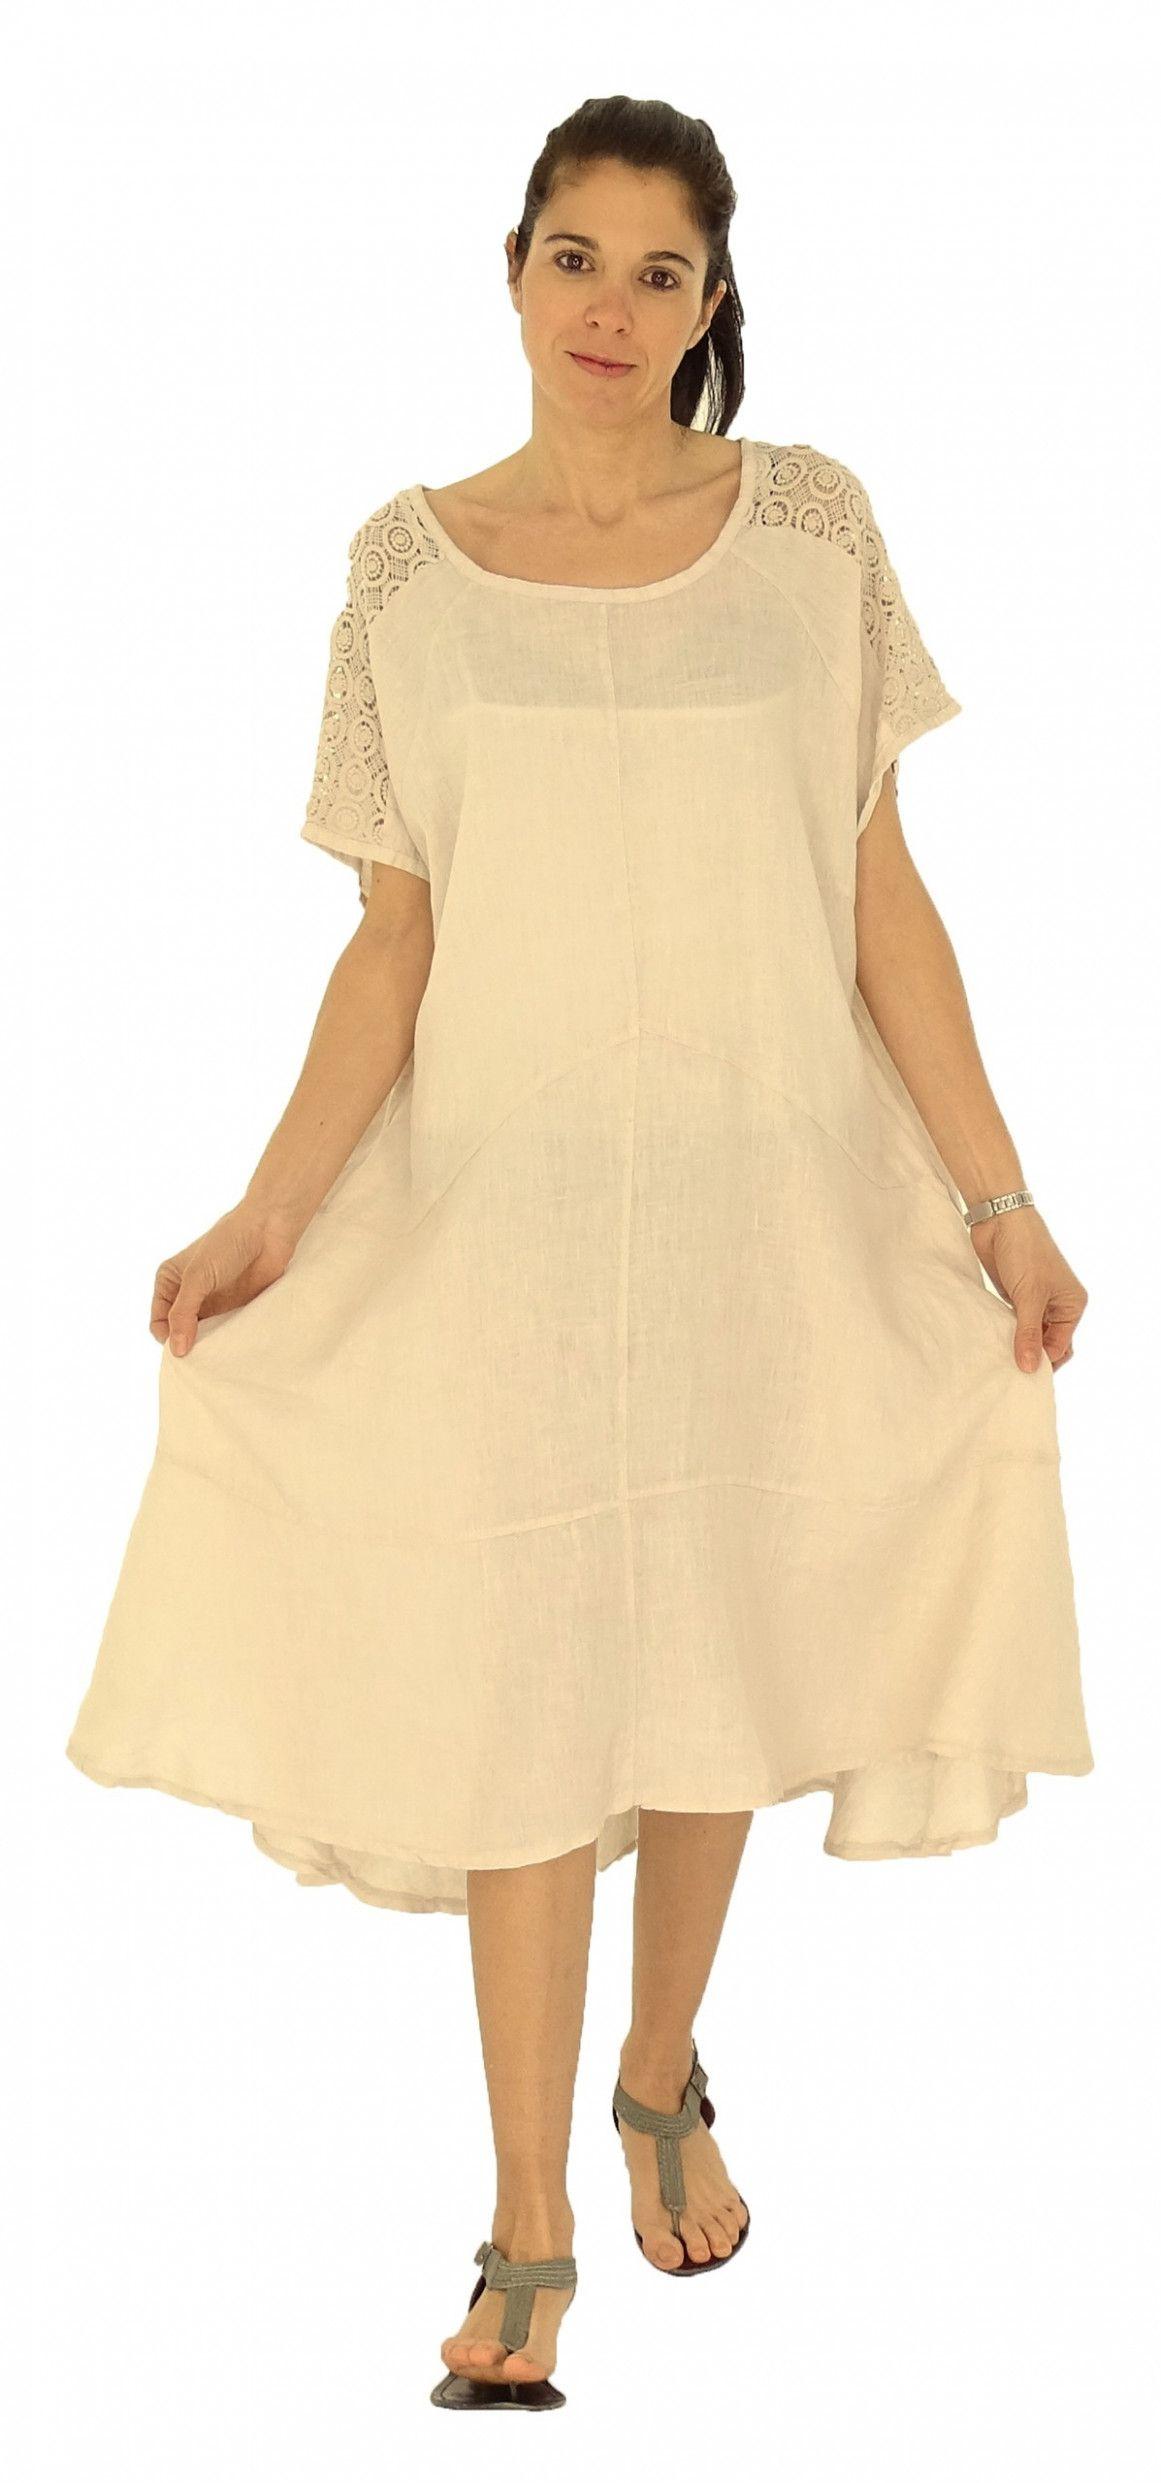 Elegantes Kleider Ab Gr??E 48 Ebenbild - Bilder und Bewertung